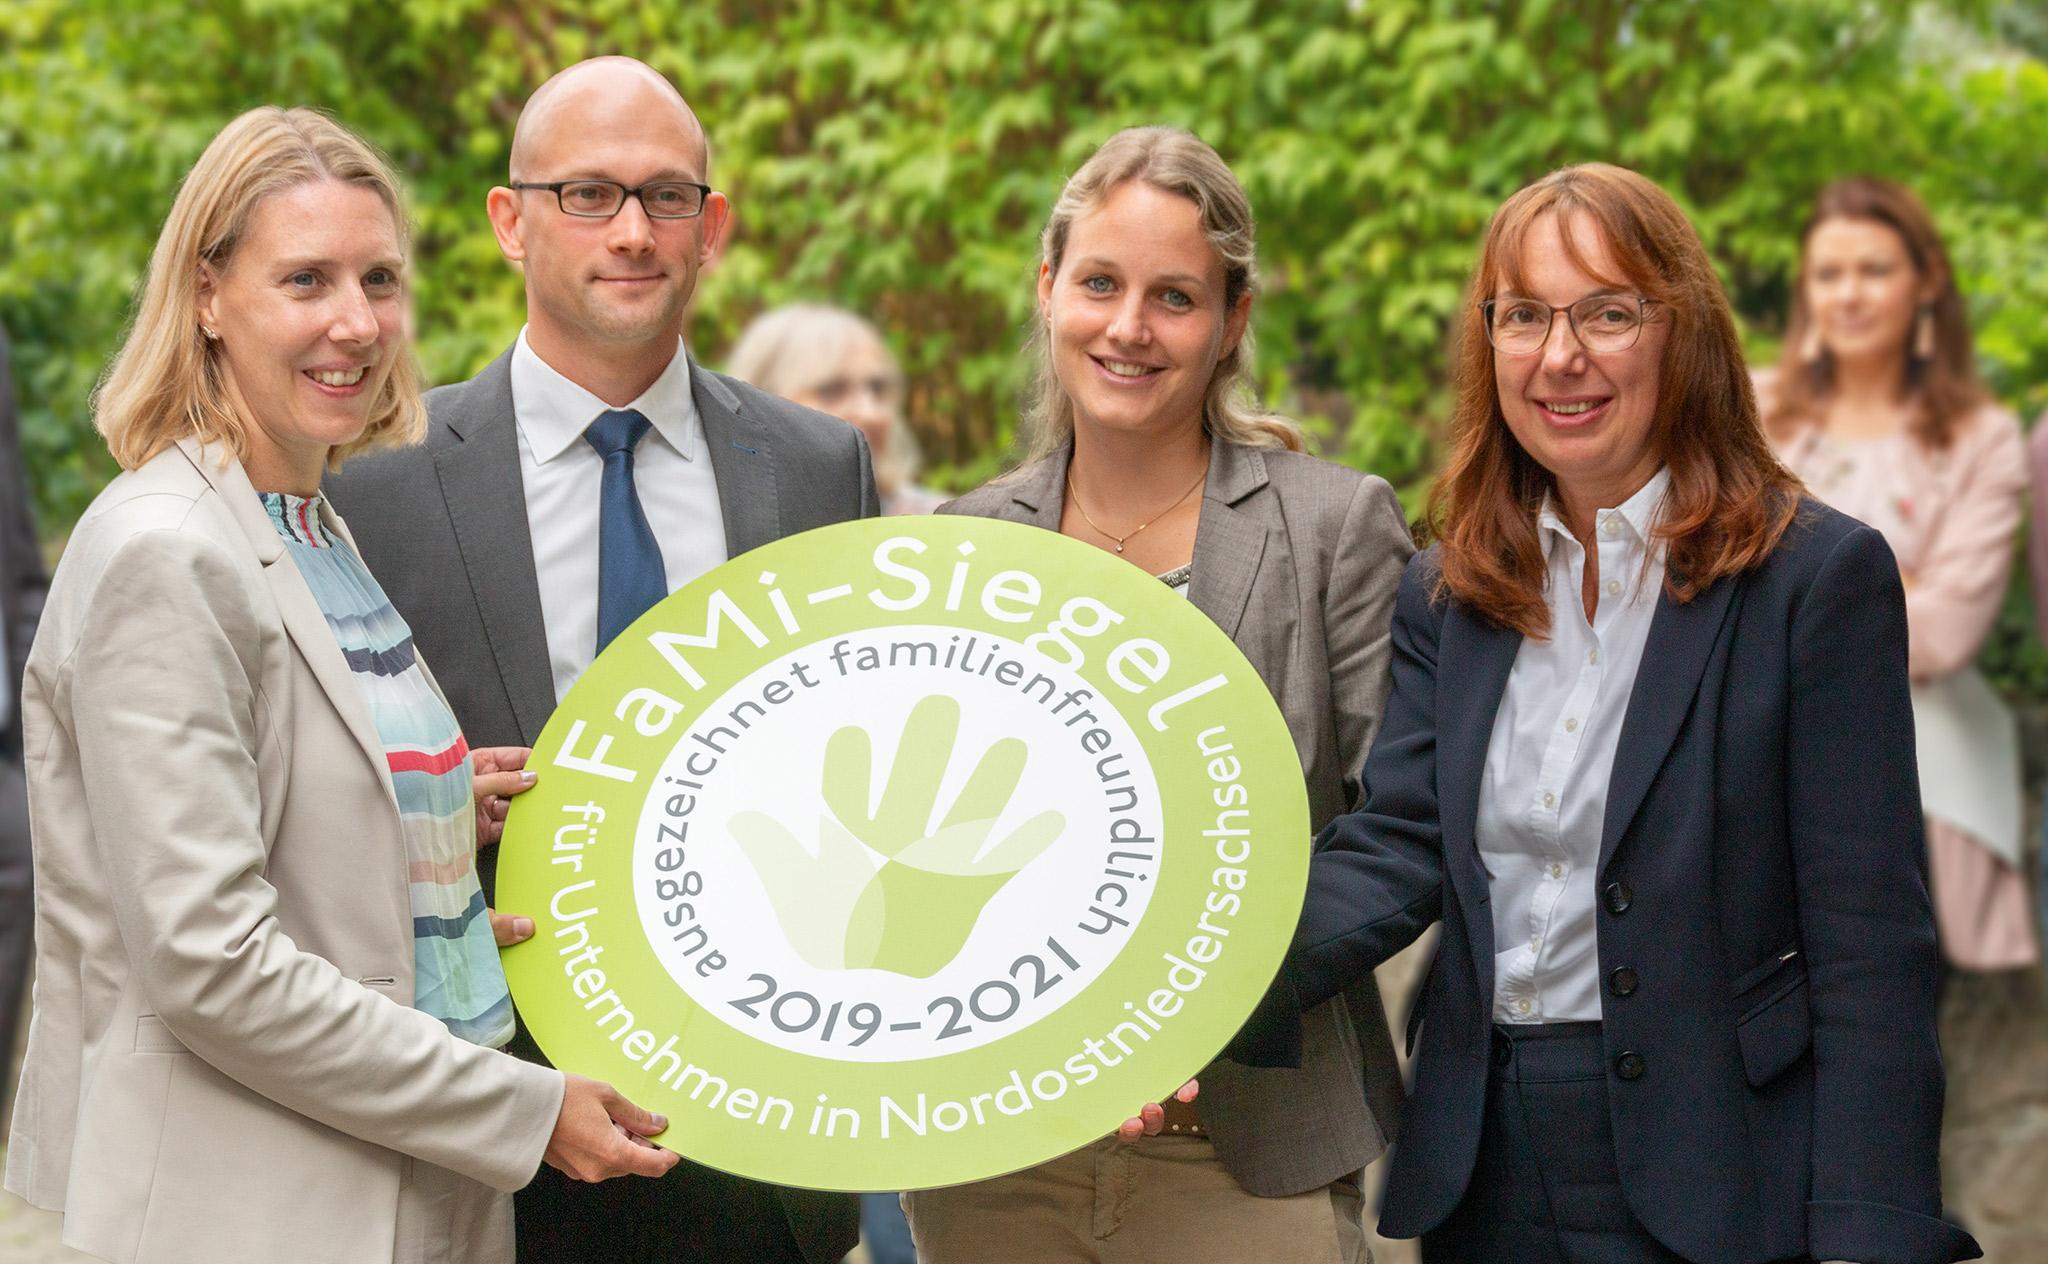 Vorstand Fr. Brammer-Rahlfs und Mitarbeiter der Uelzener zeigen das FaMi-Siegel